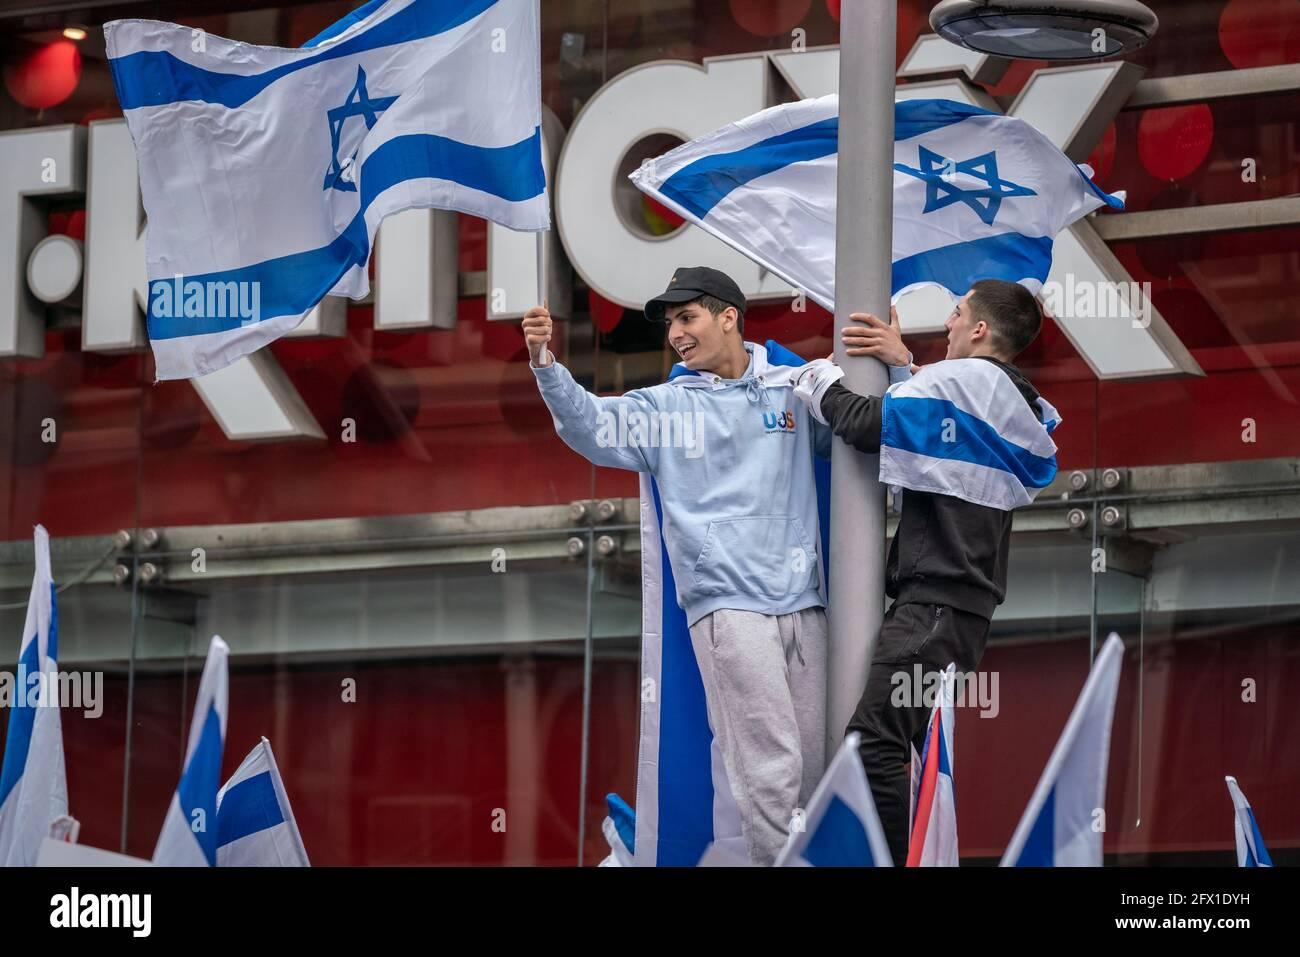 Rassemblement « solidarité avec Israël » près de l'ambassade d'Israël avec des centaines de pro-israéliens se sont rassemblés pour brandir les drapeaux israéliens. Londres, Royaume-Uni. Banque D'Images